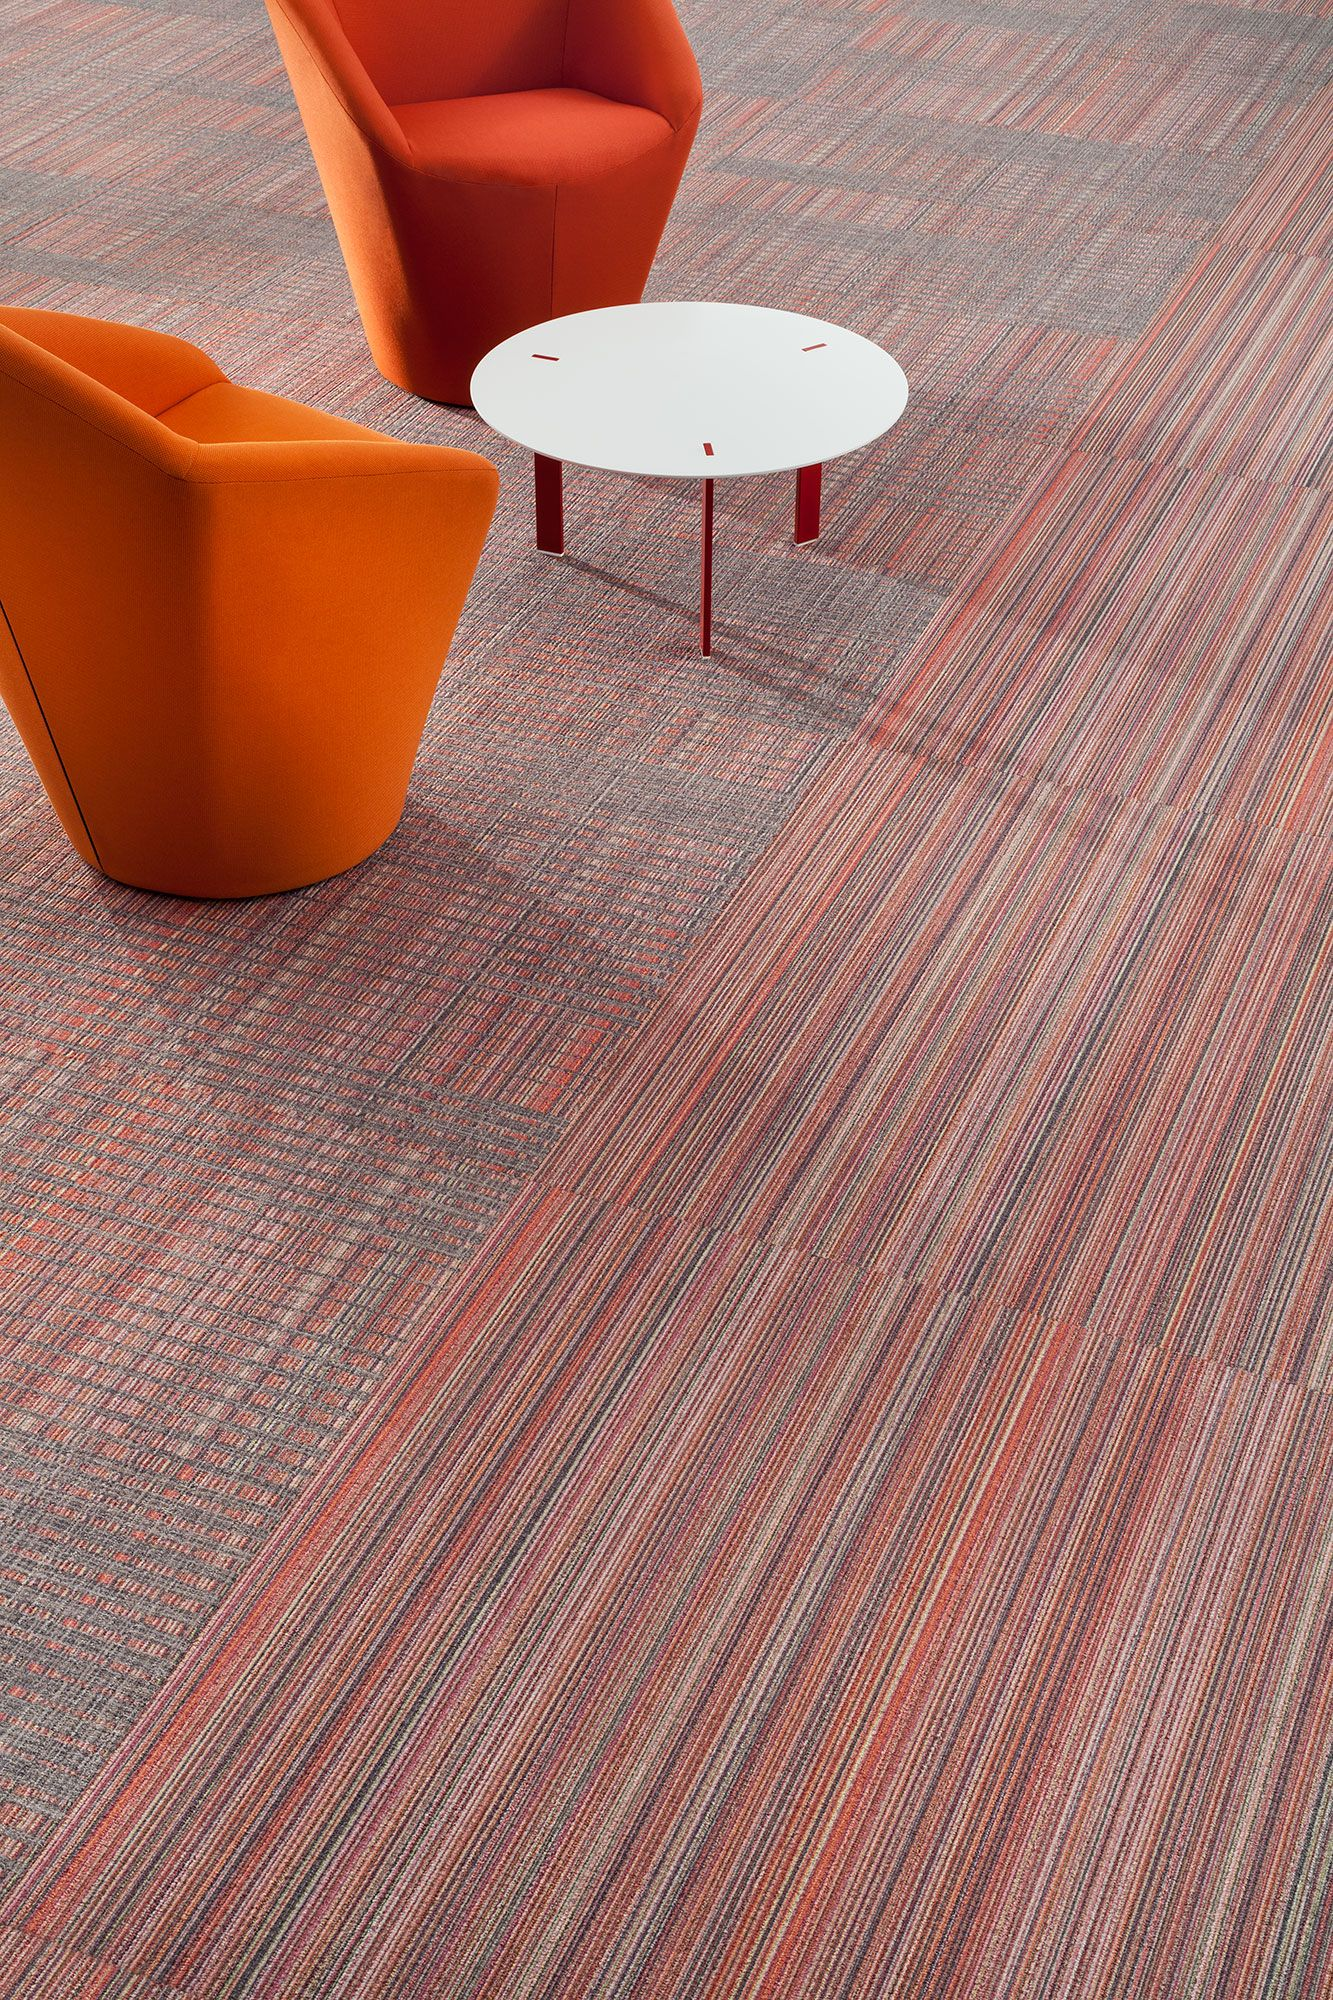 Harley color carpet tiles - Fahrenheit Collection Modularcarpet Design Interiordesign Color